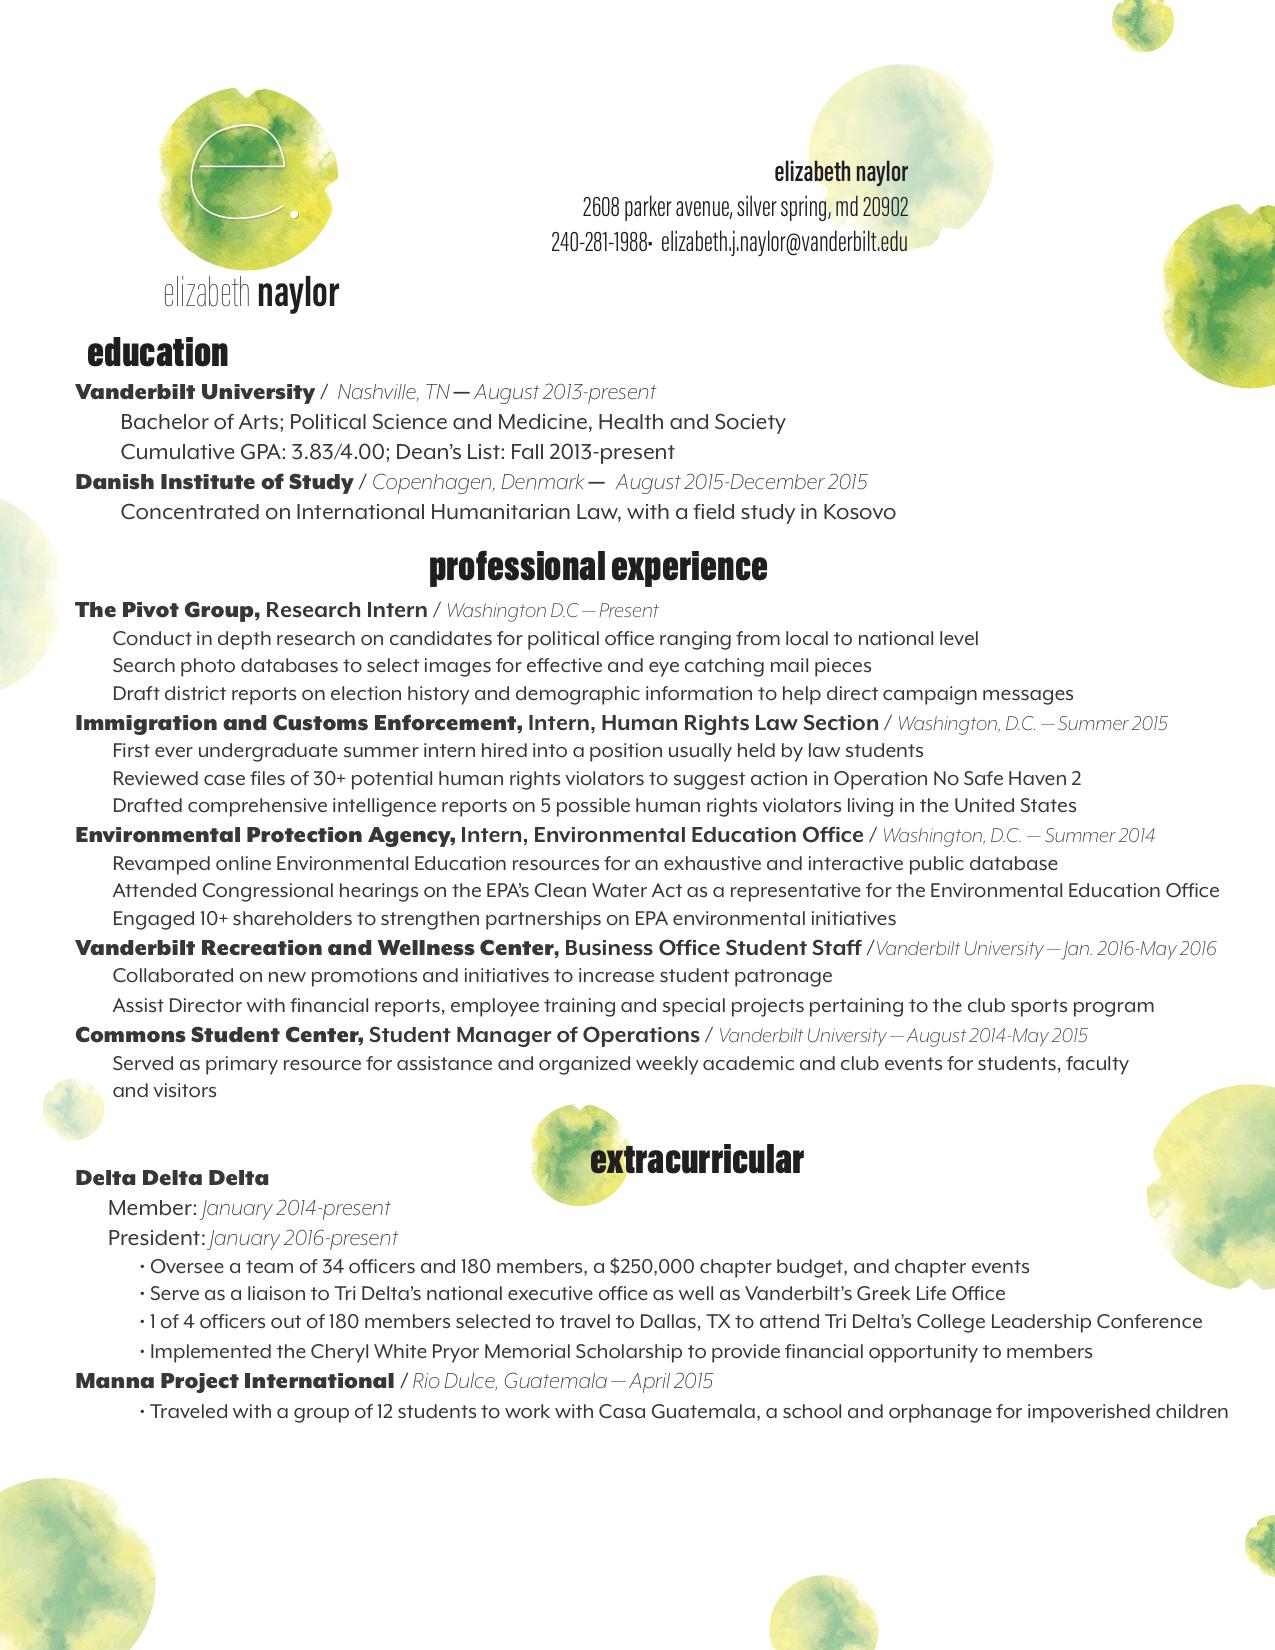 Lizzie's Resume copy 2.jpg